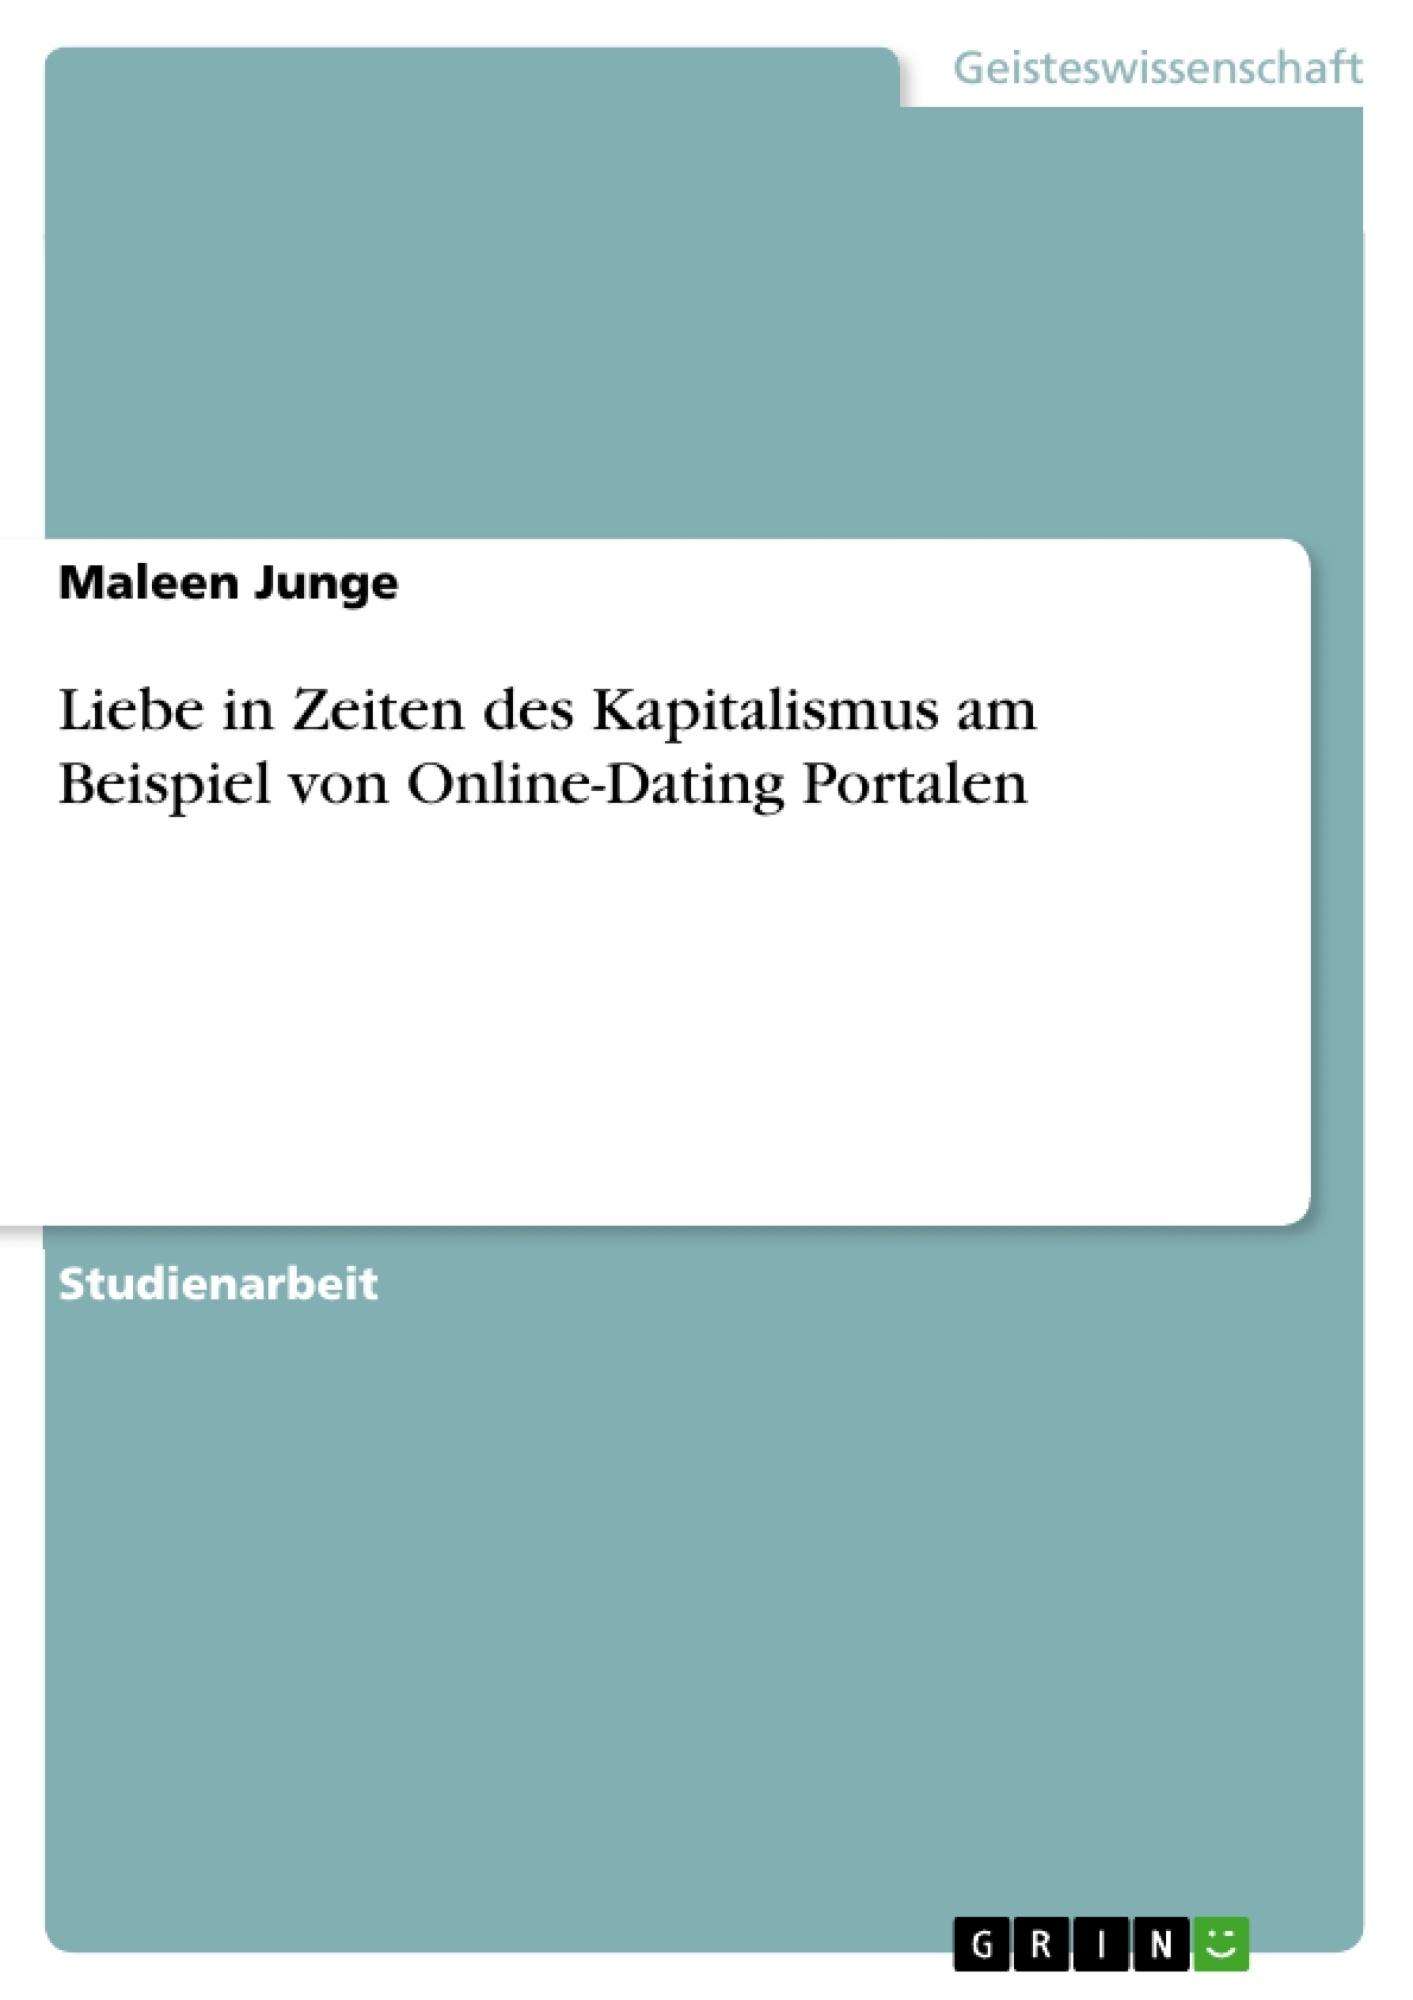 Titel: Liebe in Zeiten des Kapitalismus am Beispiel von Online-Dating Portalen